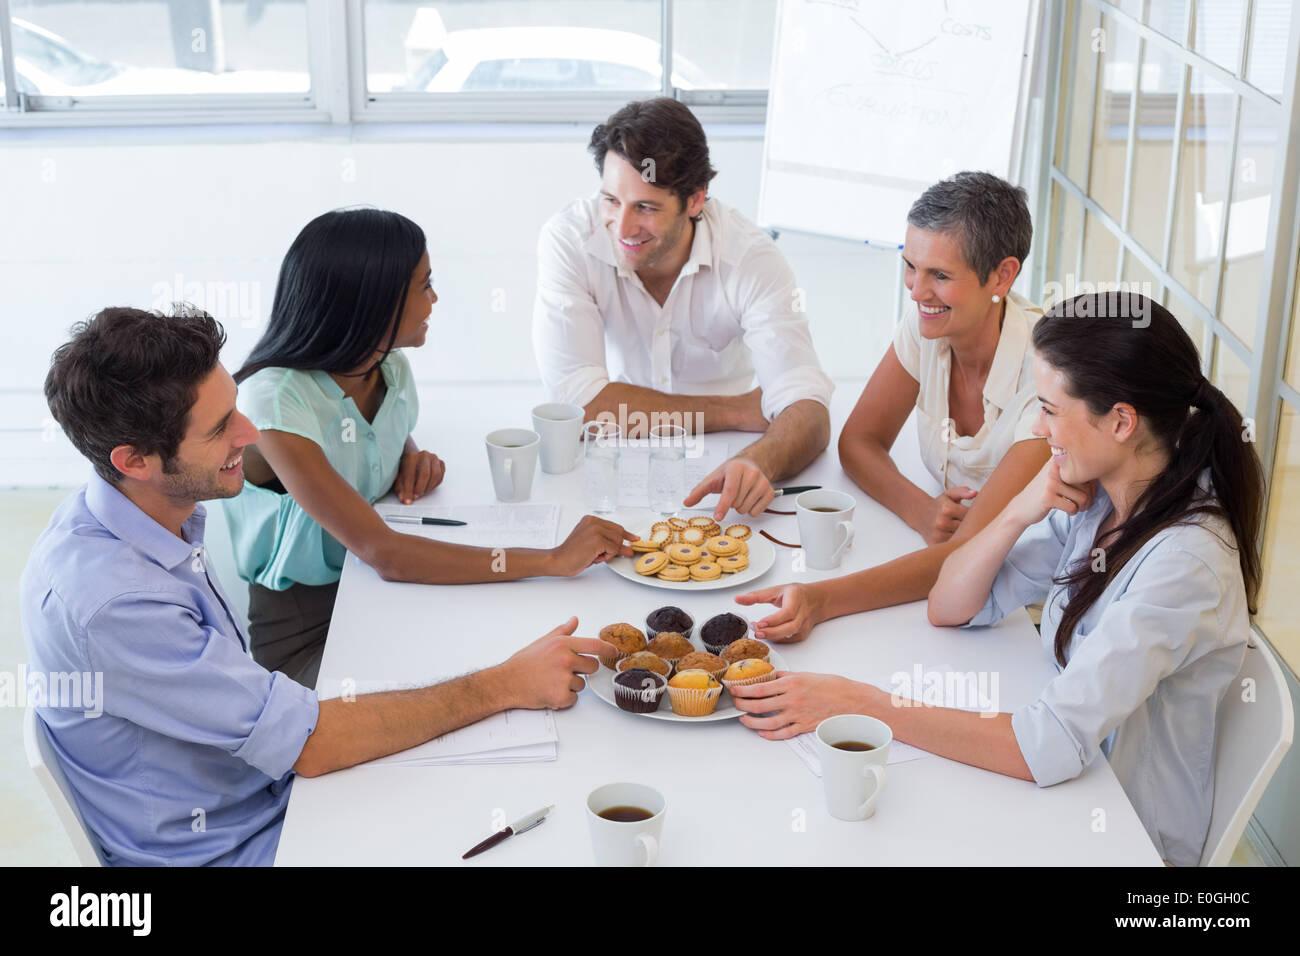 La gente di affari chattare mentre muffin mangiare e bere caffè Immagini Stock